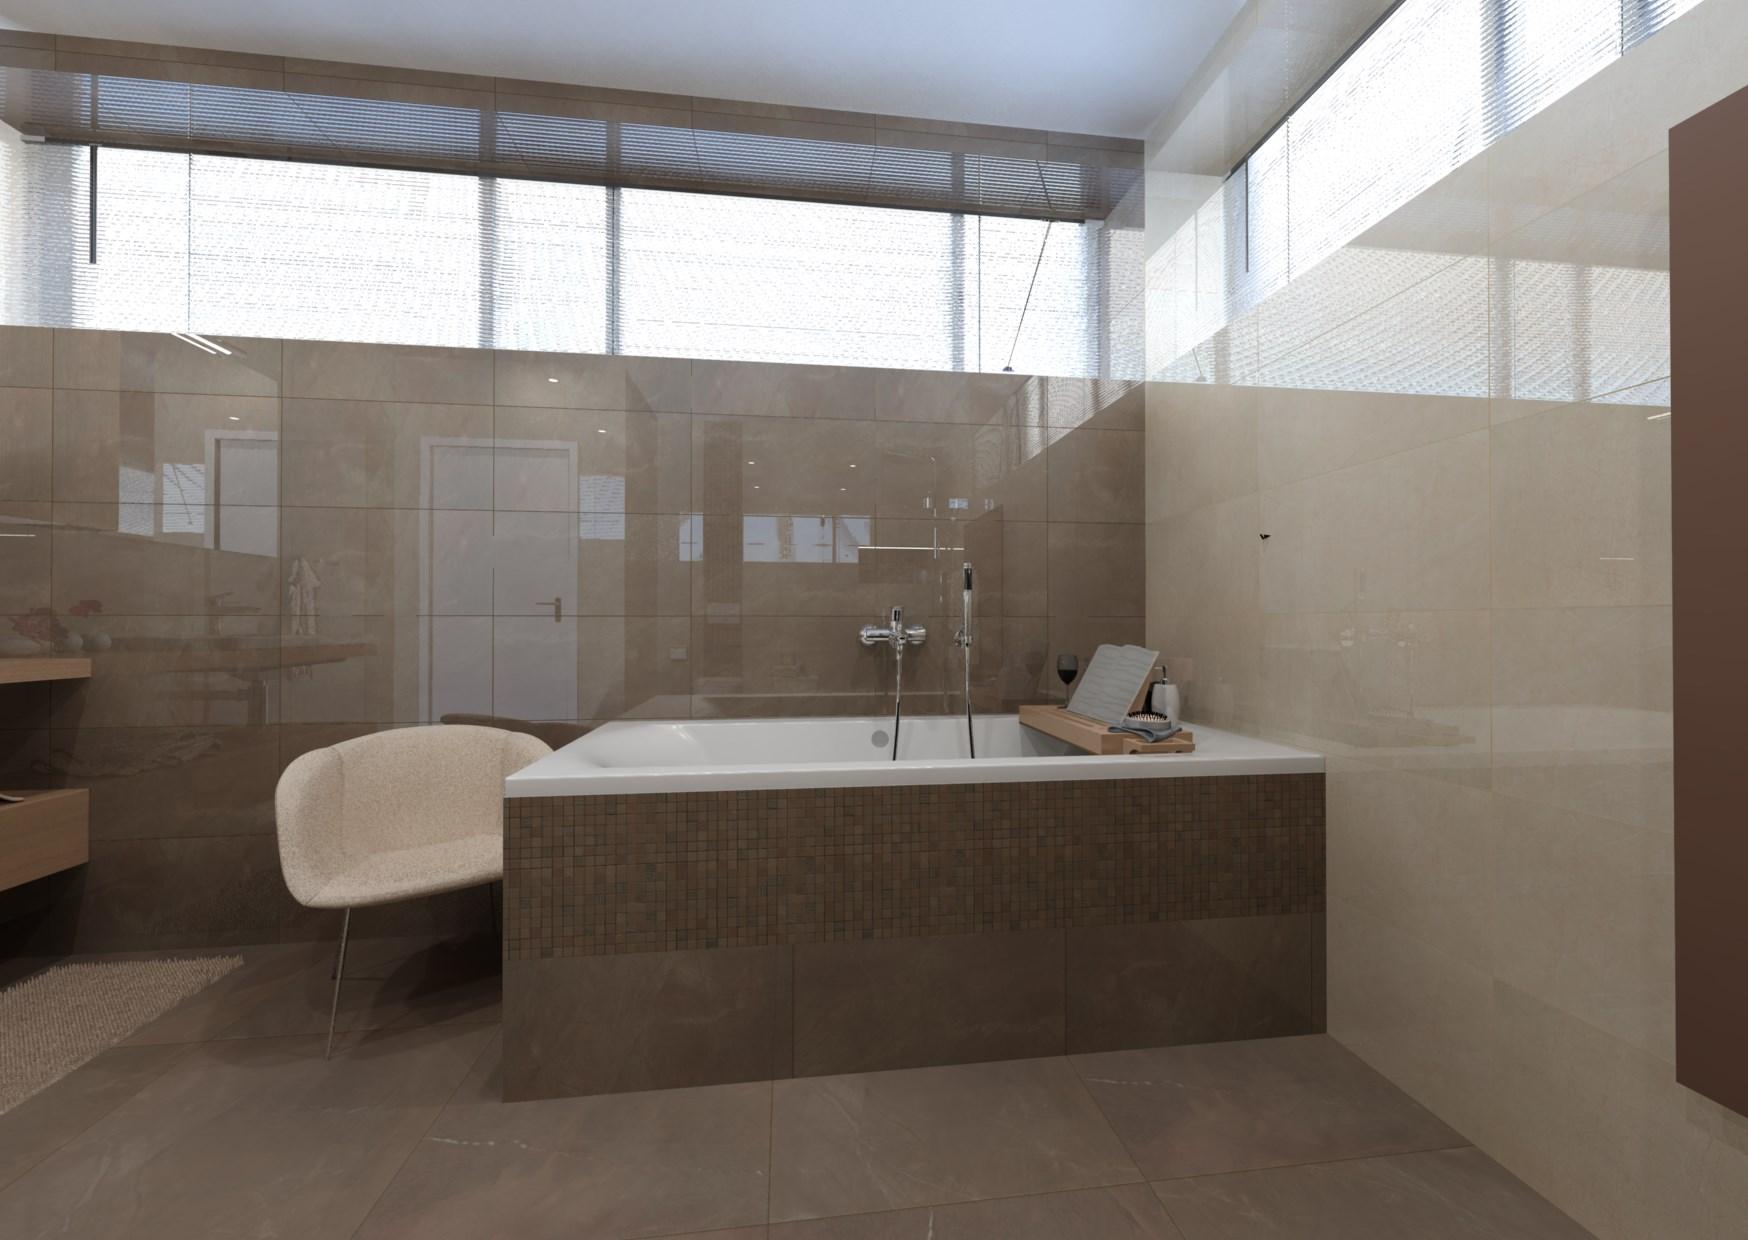 Návrh mramorové koupelny 6